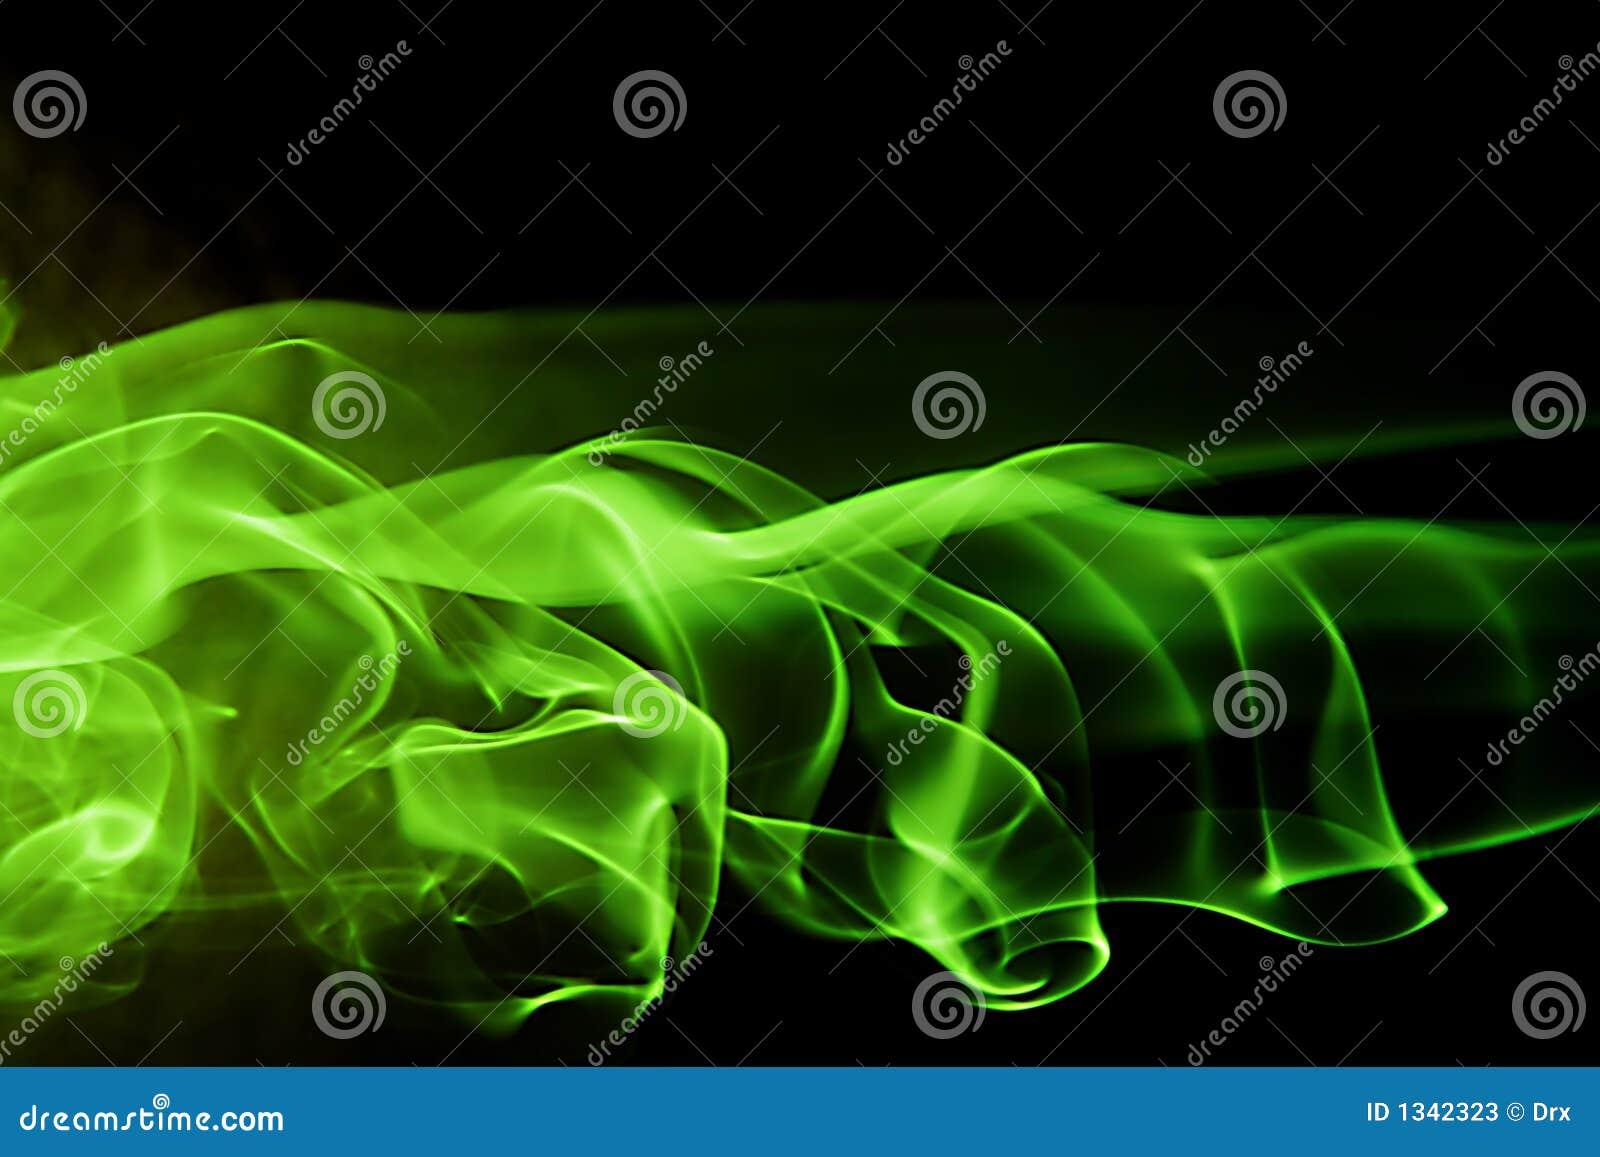 Abstracte vorm als achtergrond - groene rook